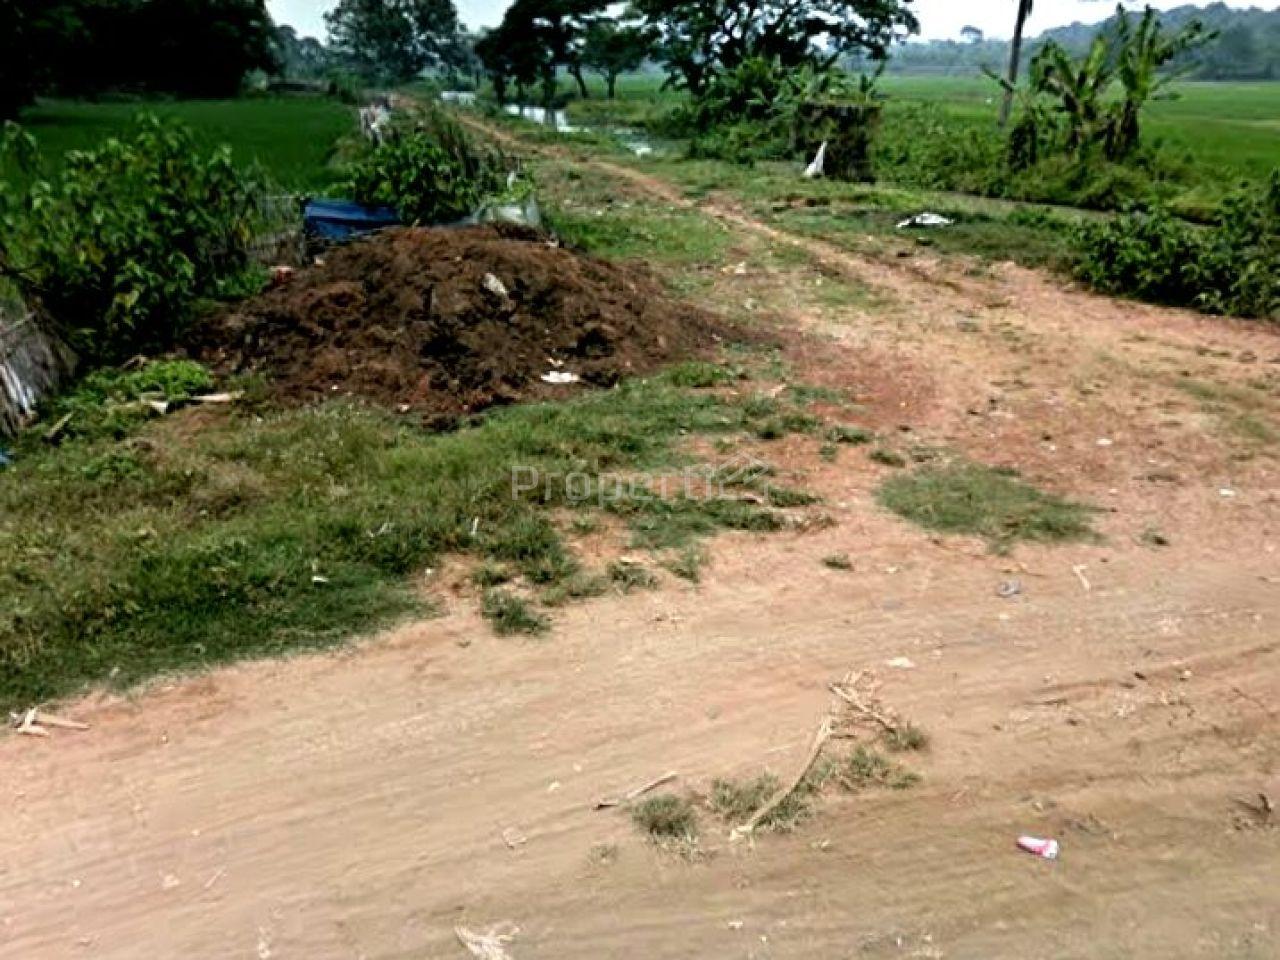 Tanah 1,1 Ha Peruntukan Perumahan di Rajeg, Tangerang, Kab. Tangerang